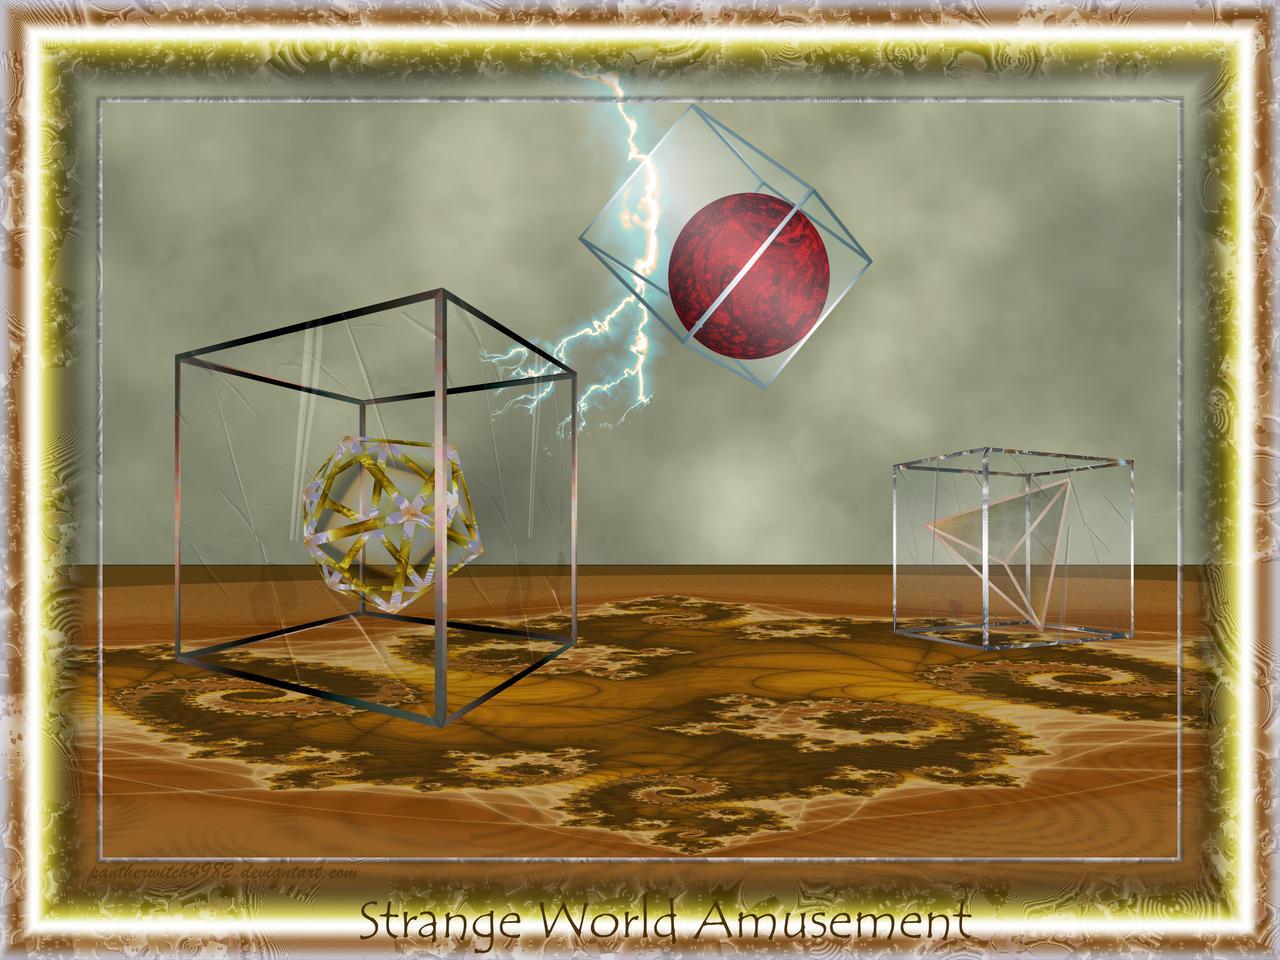 Strange World Amusement by pantherwitch4982